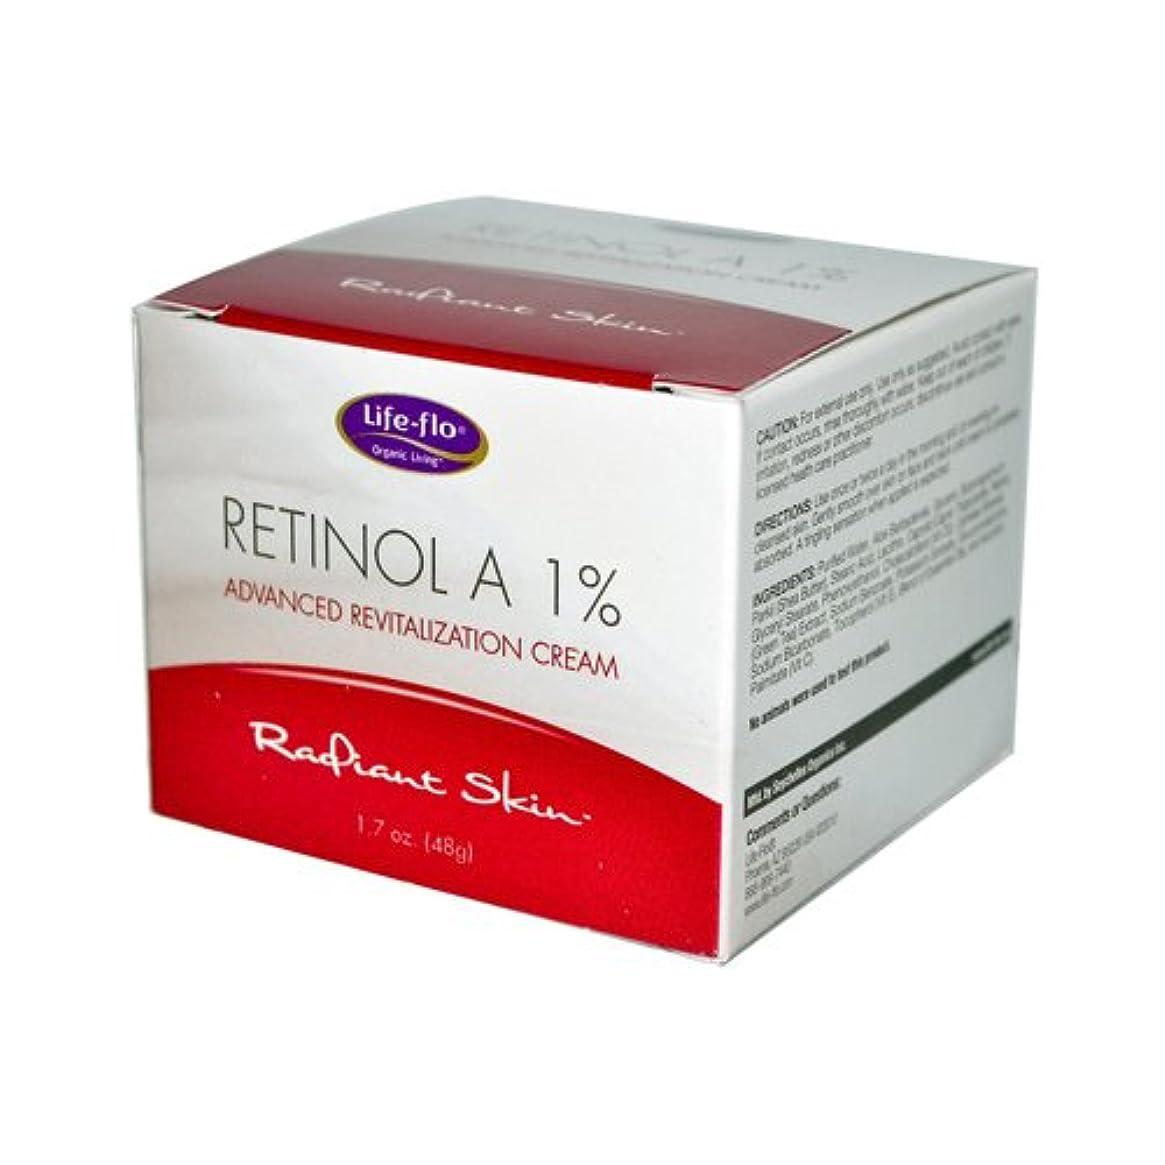 イソギンチャクロシアファイアル海外直送品 Life-Flo Retinol A 1% Advanced Revitalization Cream, 1.7 oz